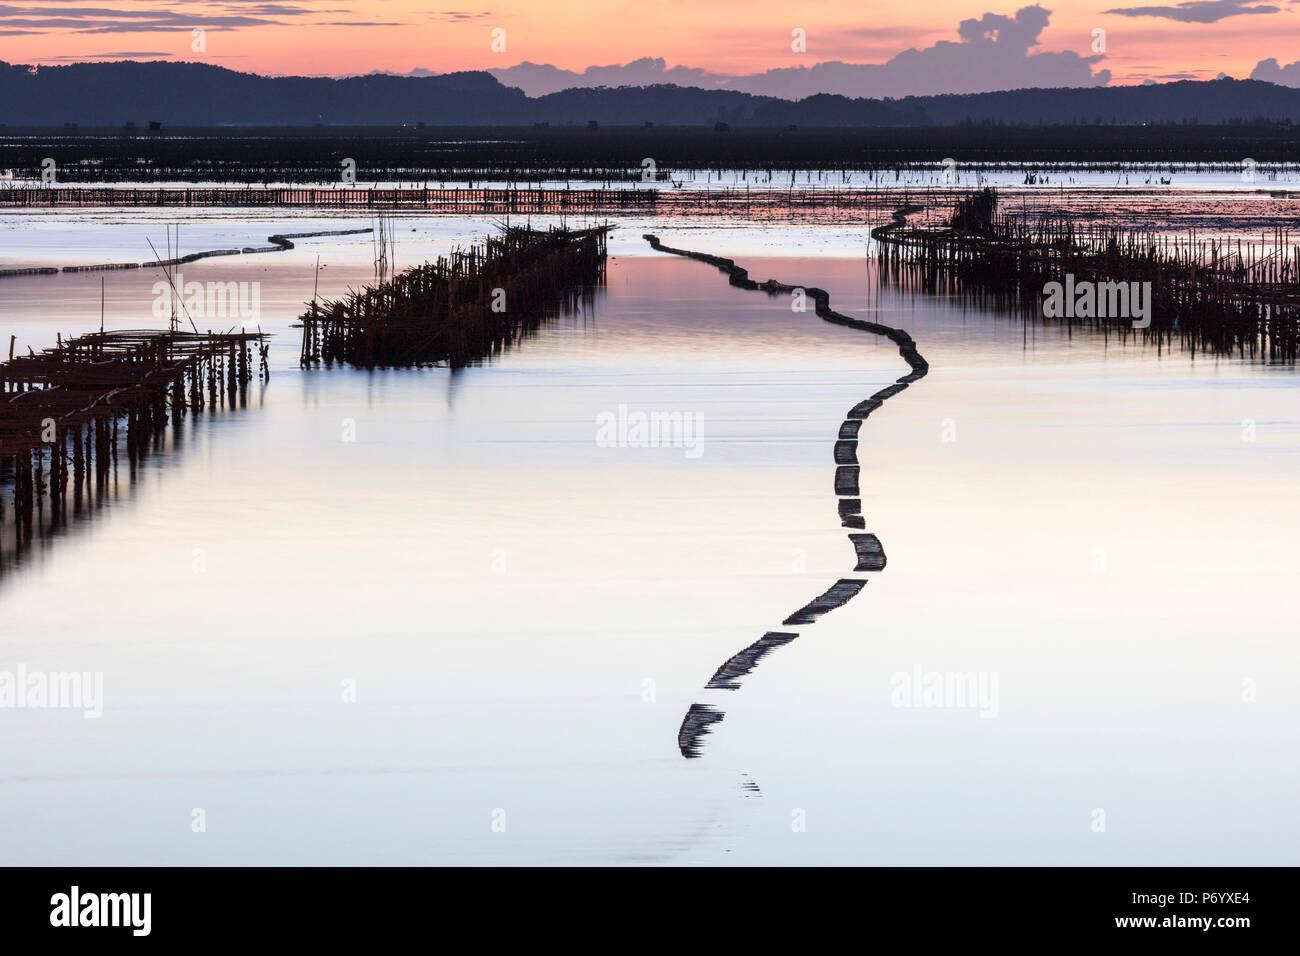 Viveros de ostras en la forma de una serpiente al atardecer, la Bahía de Halong, provincia de Quang Ninh, el noreste de Vietnam, Sudeste de Asia Imagen De Stock